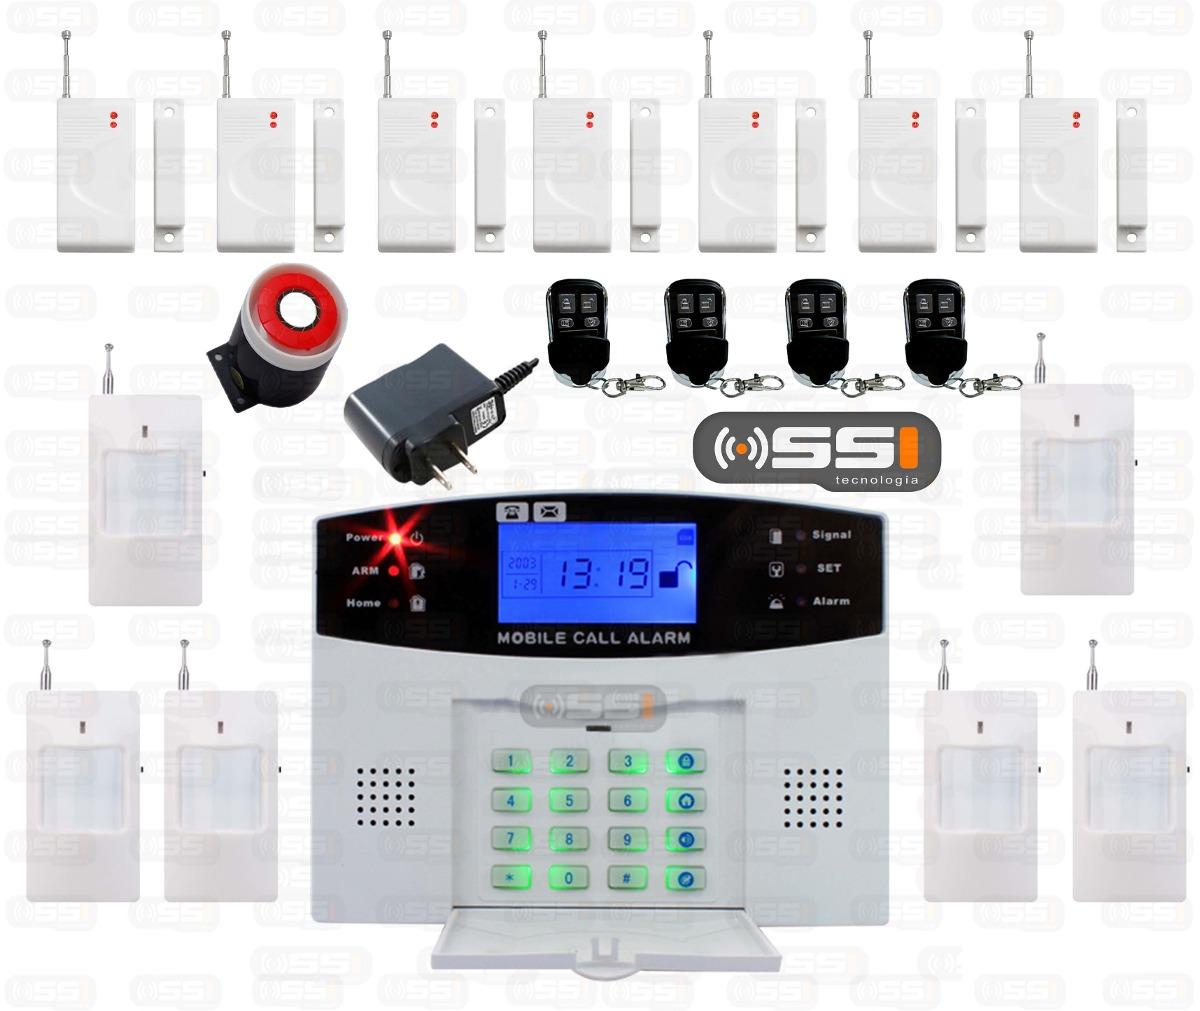 Alarma gsm inalambrica inteligente para casa negocio hm4 - Alarmas para casa precios ...